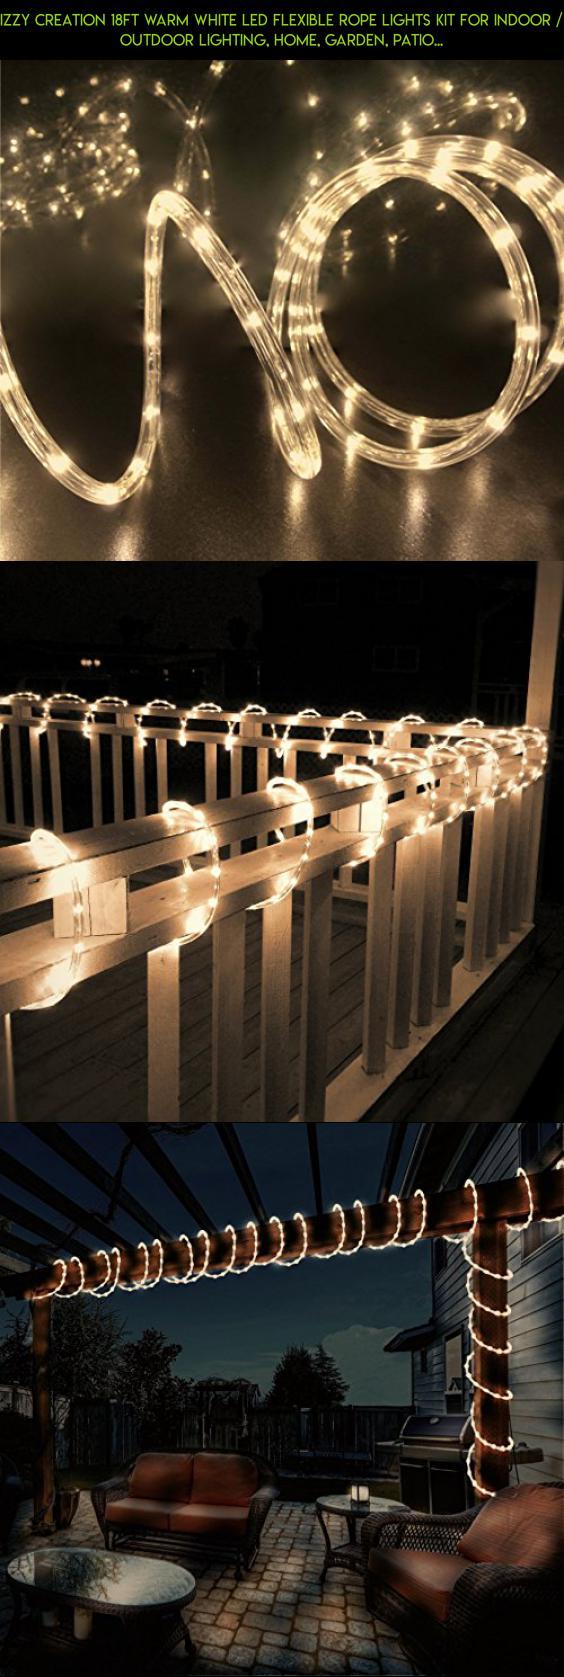 Izzy creation 18ft warm white led flexible rope lights kit for izzy creation 18ft warm white led flexible rope lights kit for indoor outdoor lighting aloadofball Images